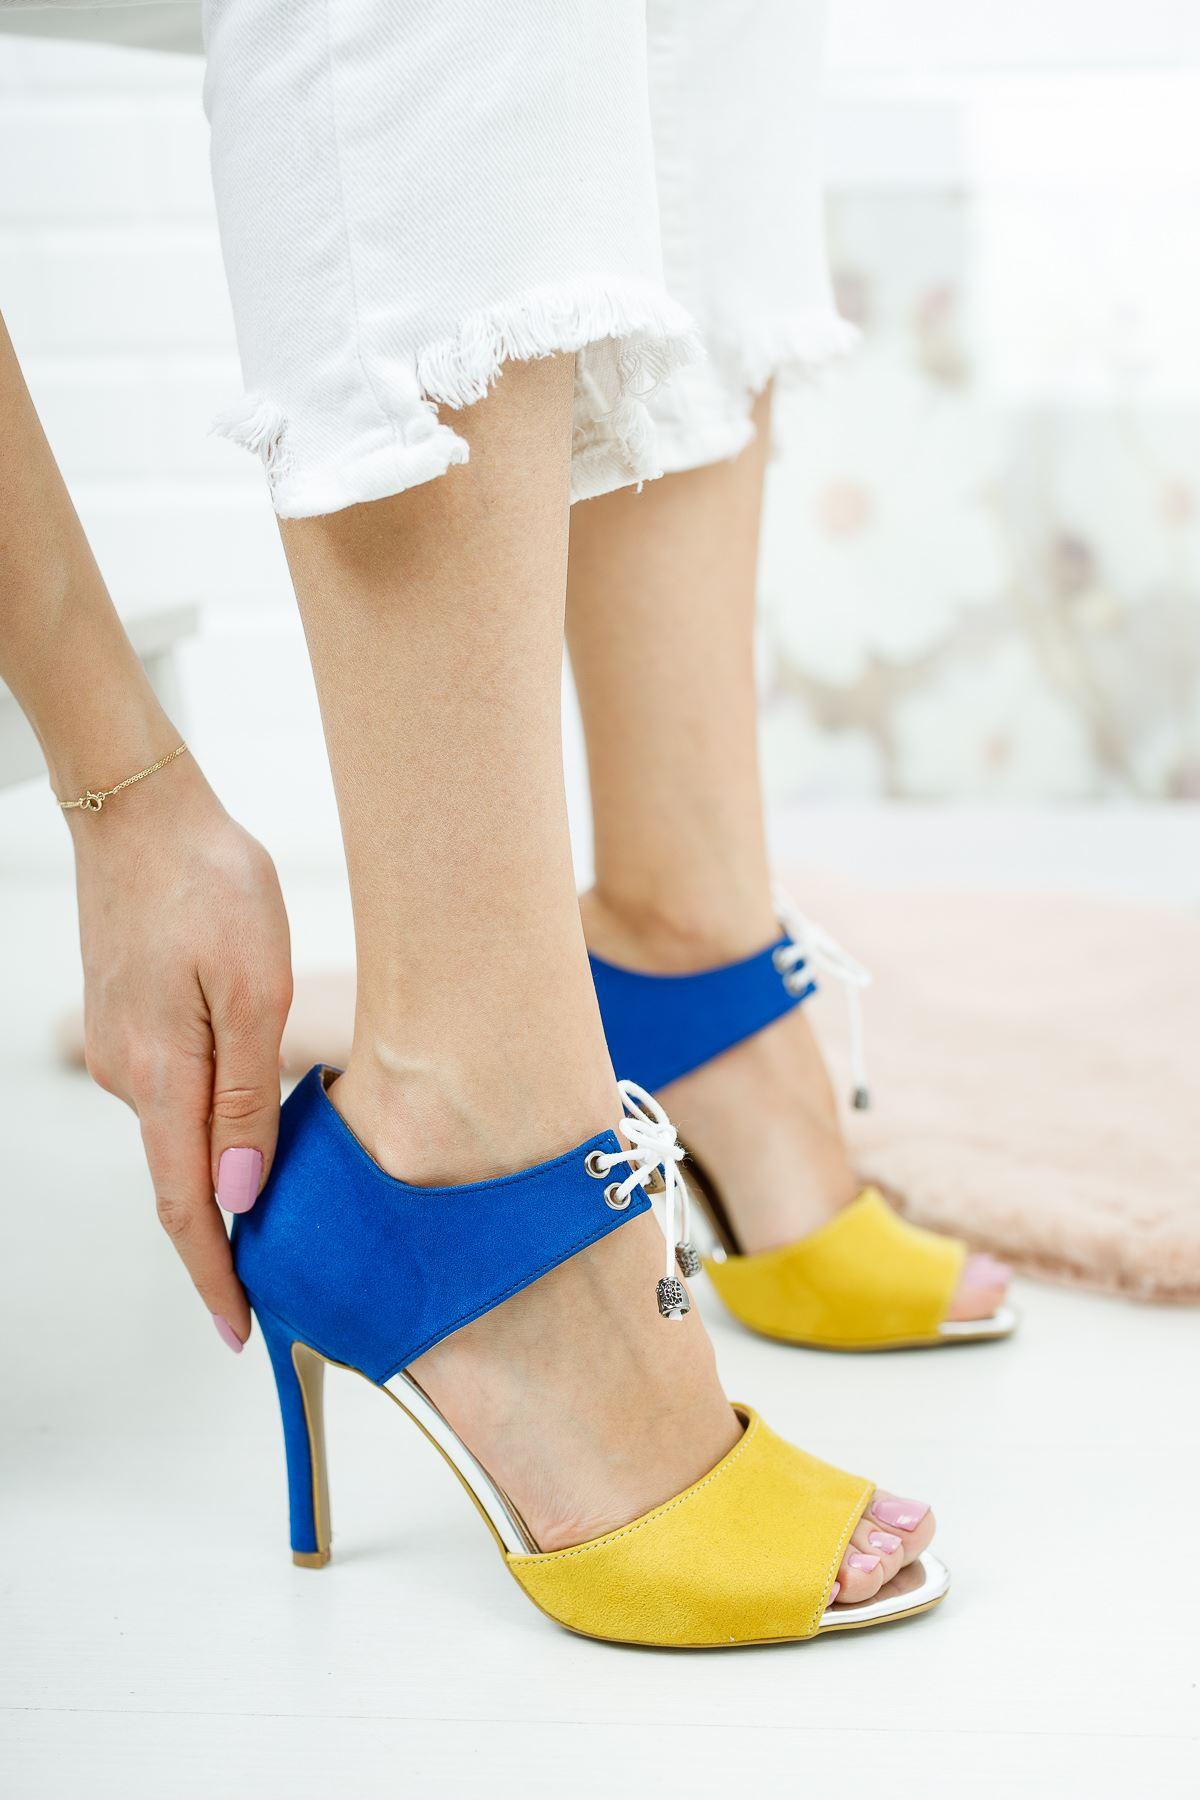 Tosna Sax - Hardal Süet Bağcıklı Kadın Topuklu Ayakkabı